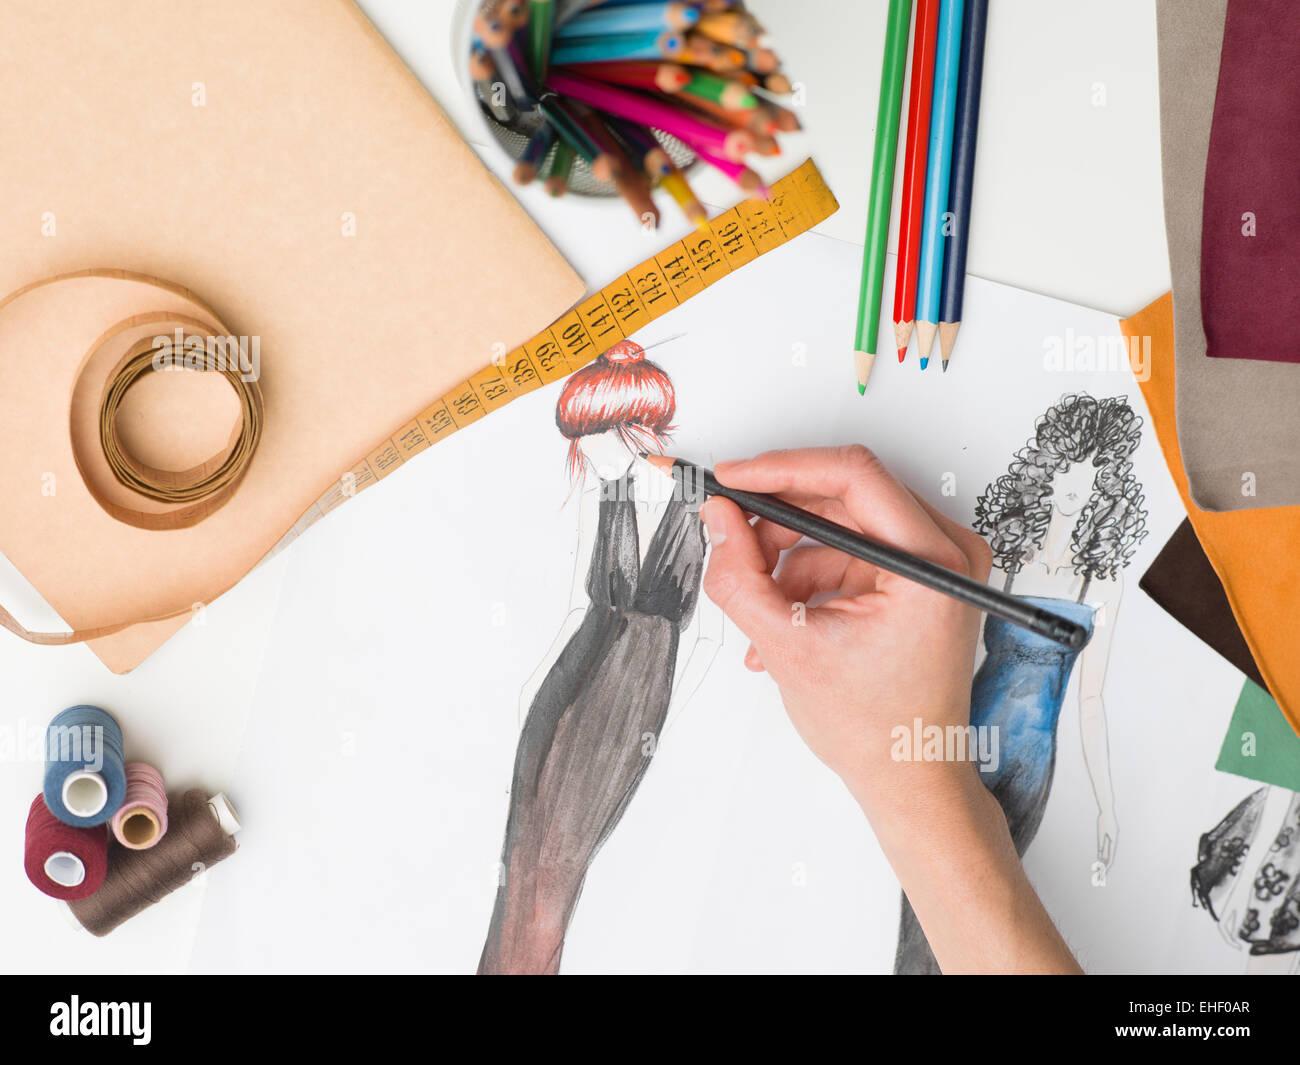 Croquis de mode dessin main de femme sur 24 avec la conception d'équipements Photo Stock